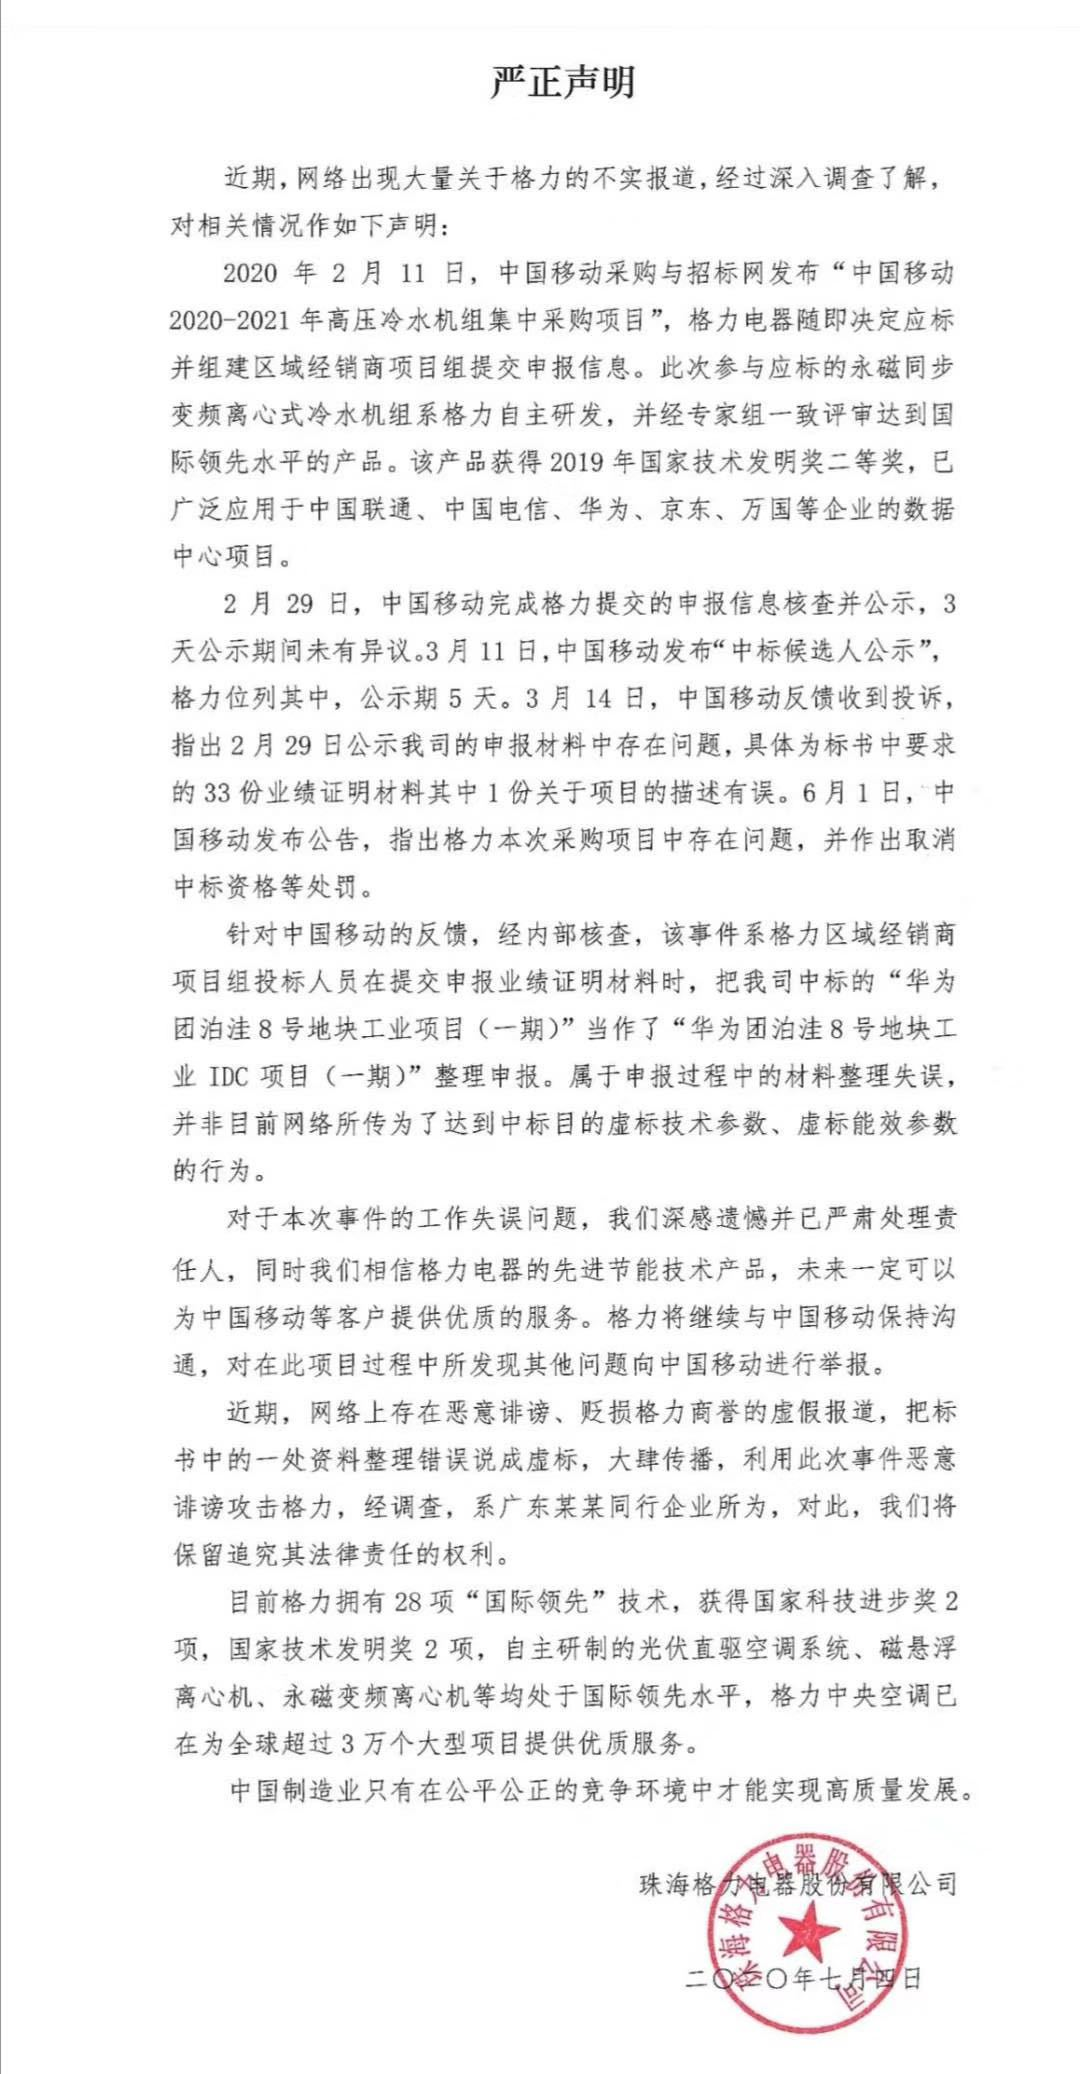 格力电器发布严正声明回应被中国移动取消中标资格:材料整理失误